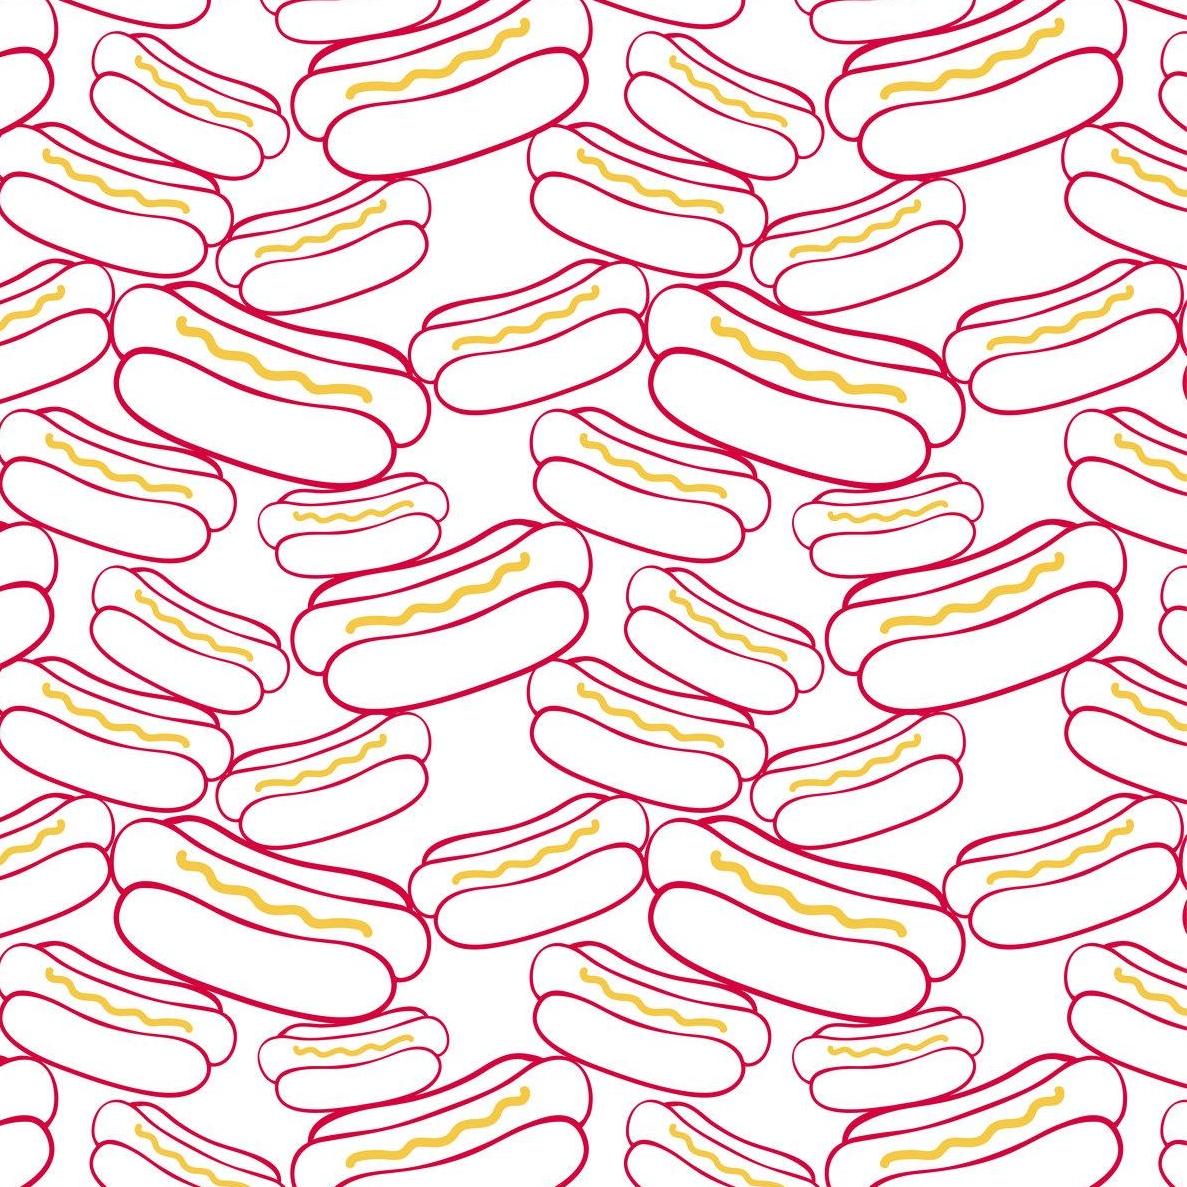 hotdogs-pattern.jpg